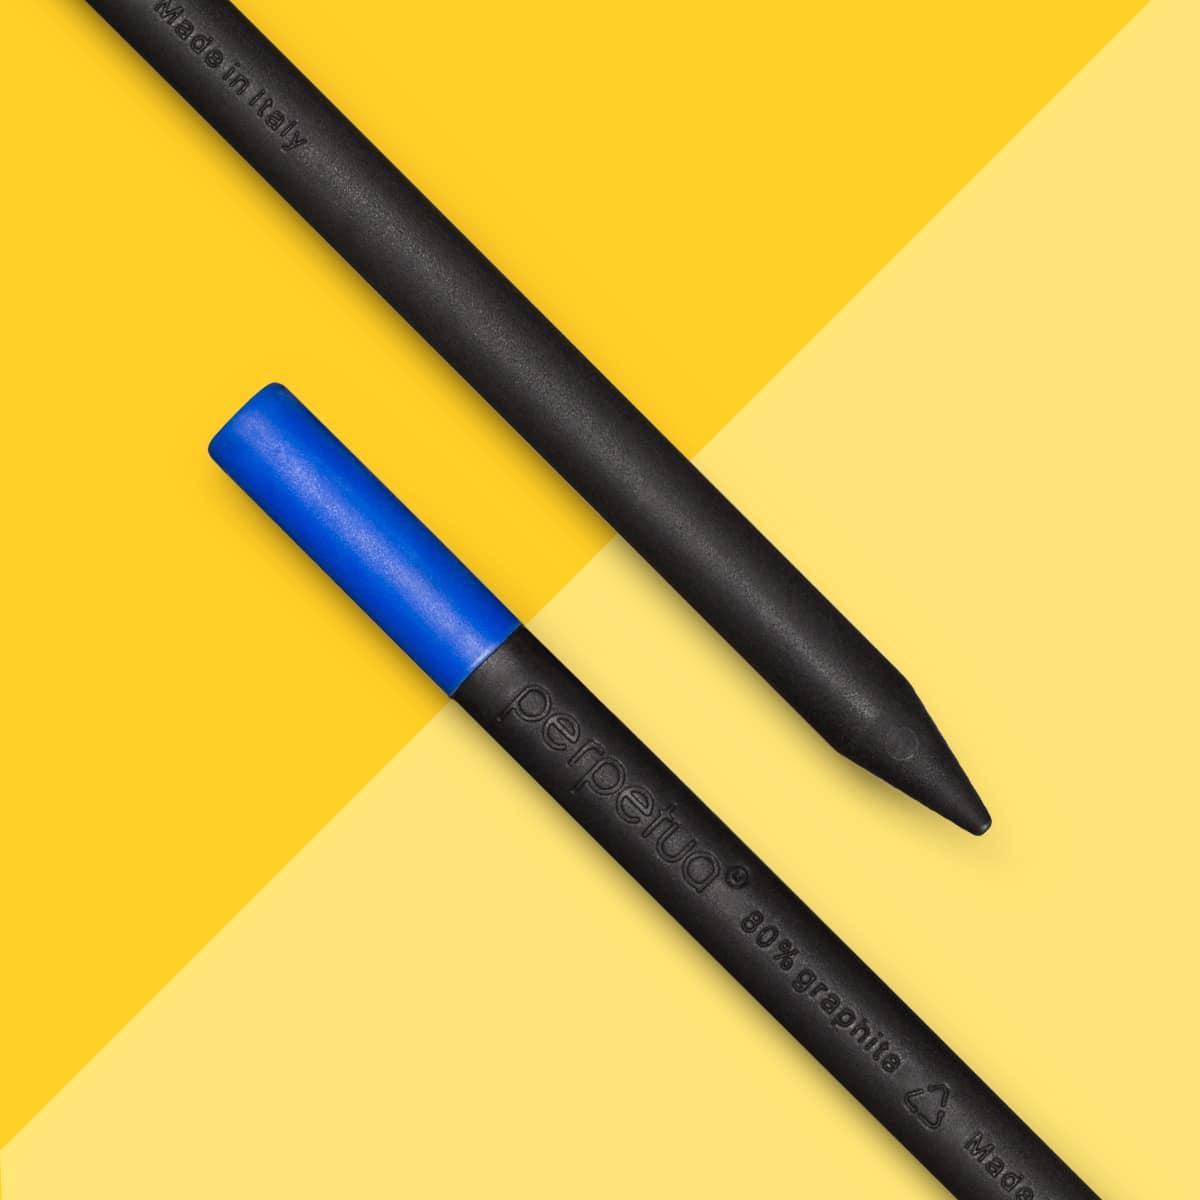 Napkin Perpetua la matita Blu